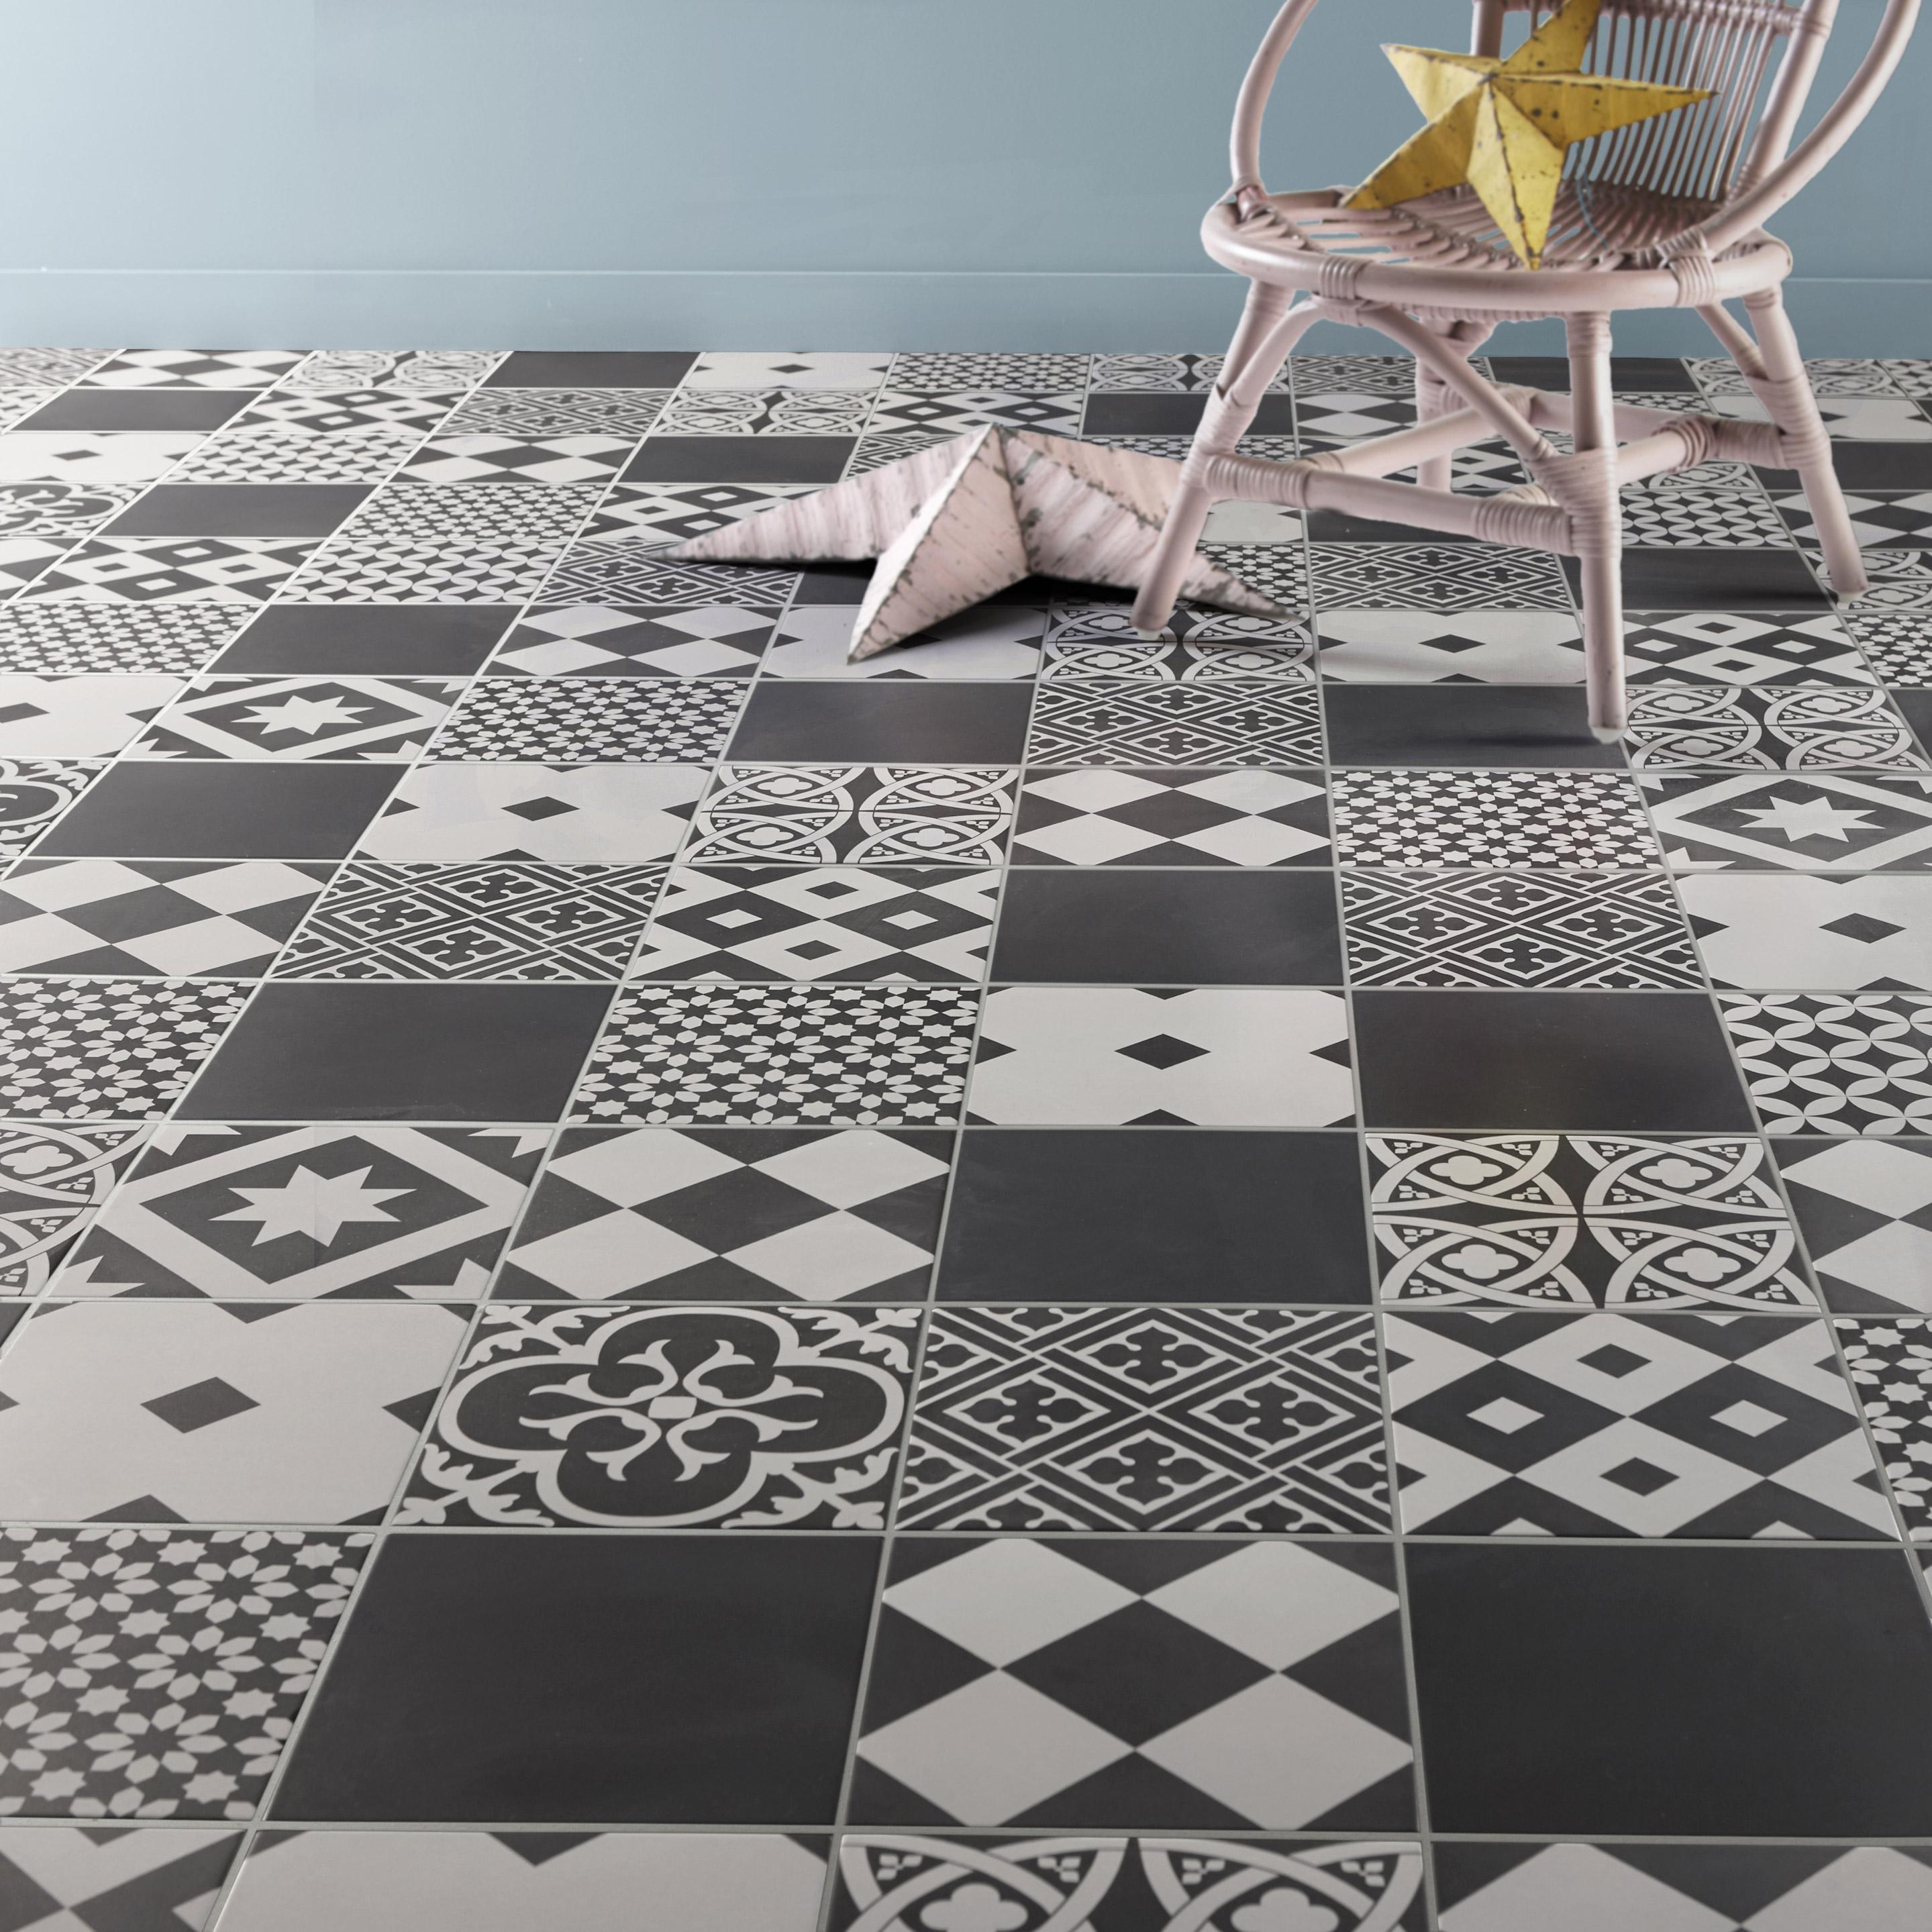 Salon De Jardin Carreau De Ciment carrelage sol mur forte effet carreau de ciment noir blanc gatsby l.20xl.20  cm